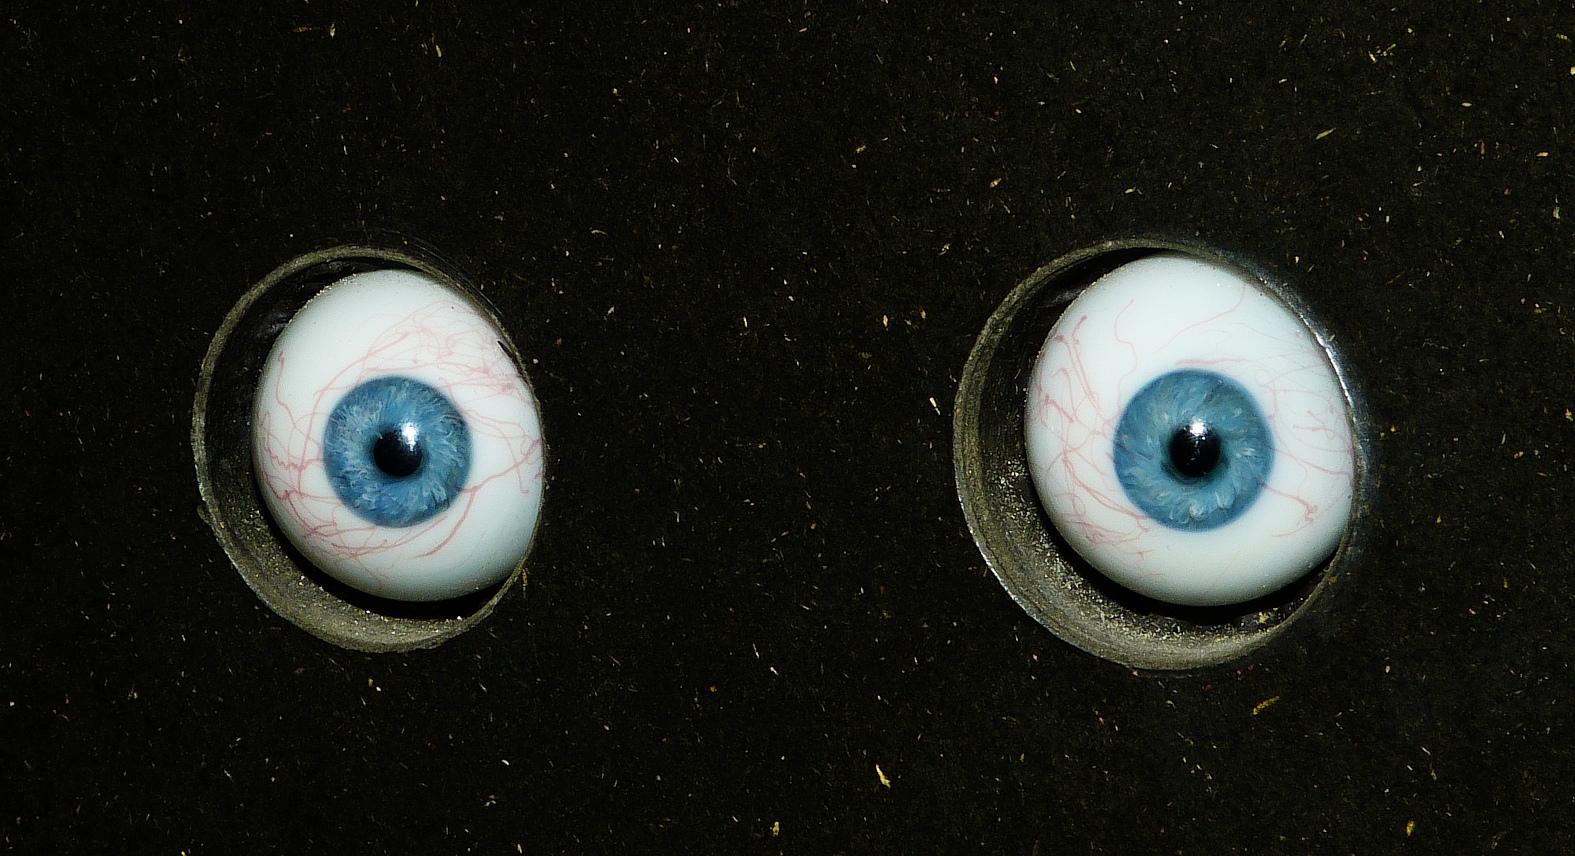 Schau mir in die Augen, Kleines!